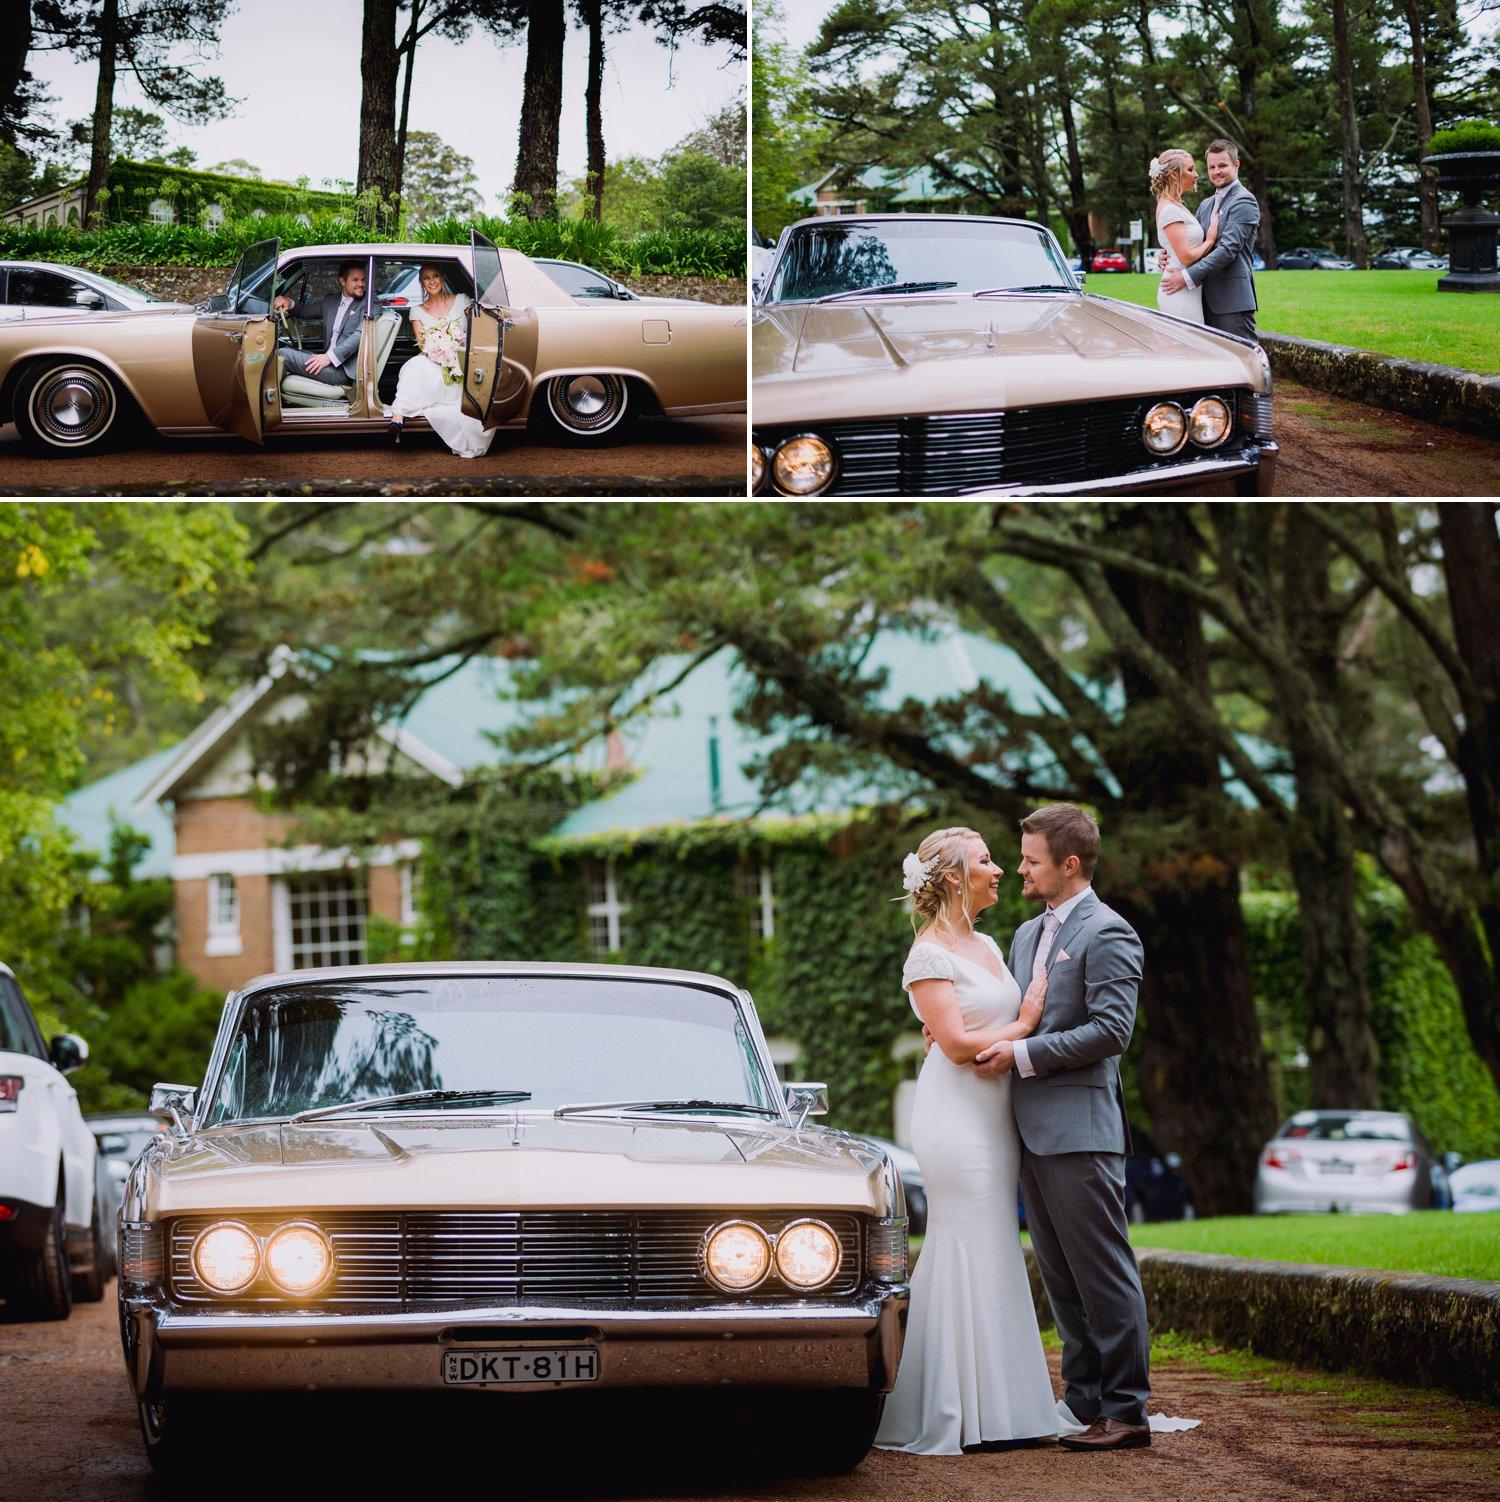 Sarah & Justin - Milton Park Wedding Photography 27.jpg